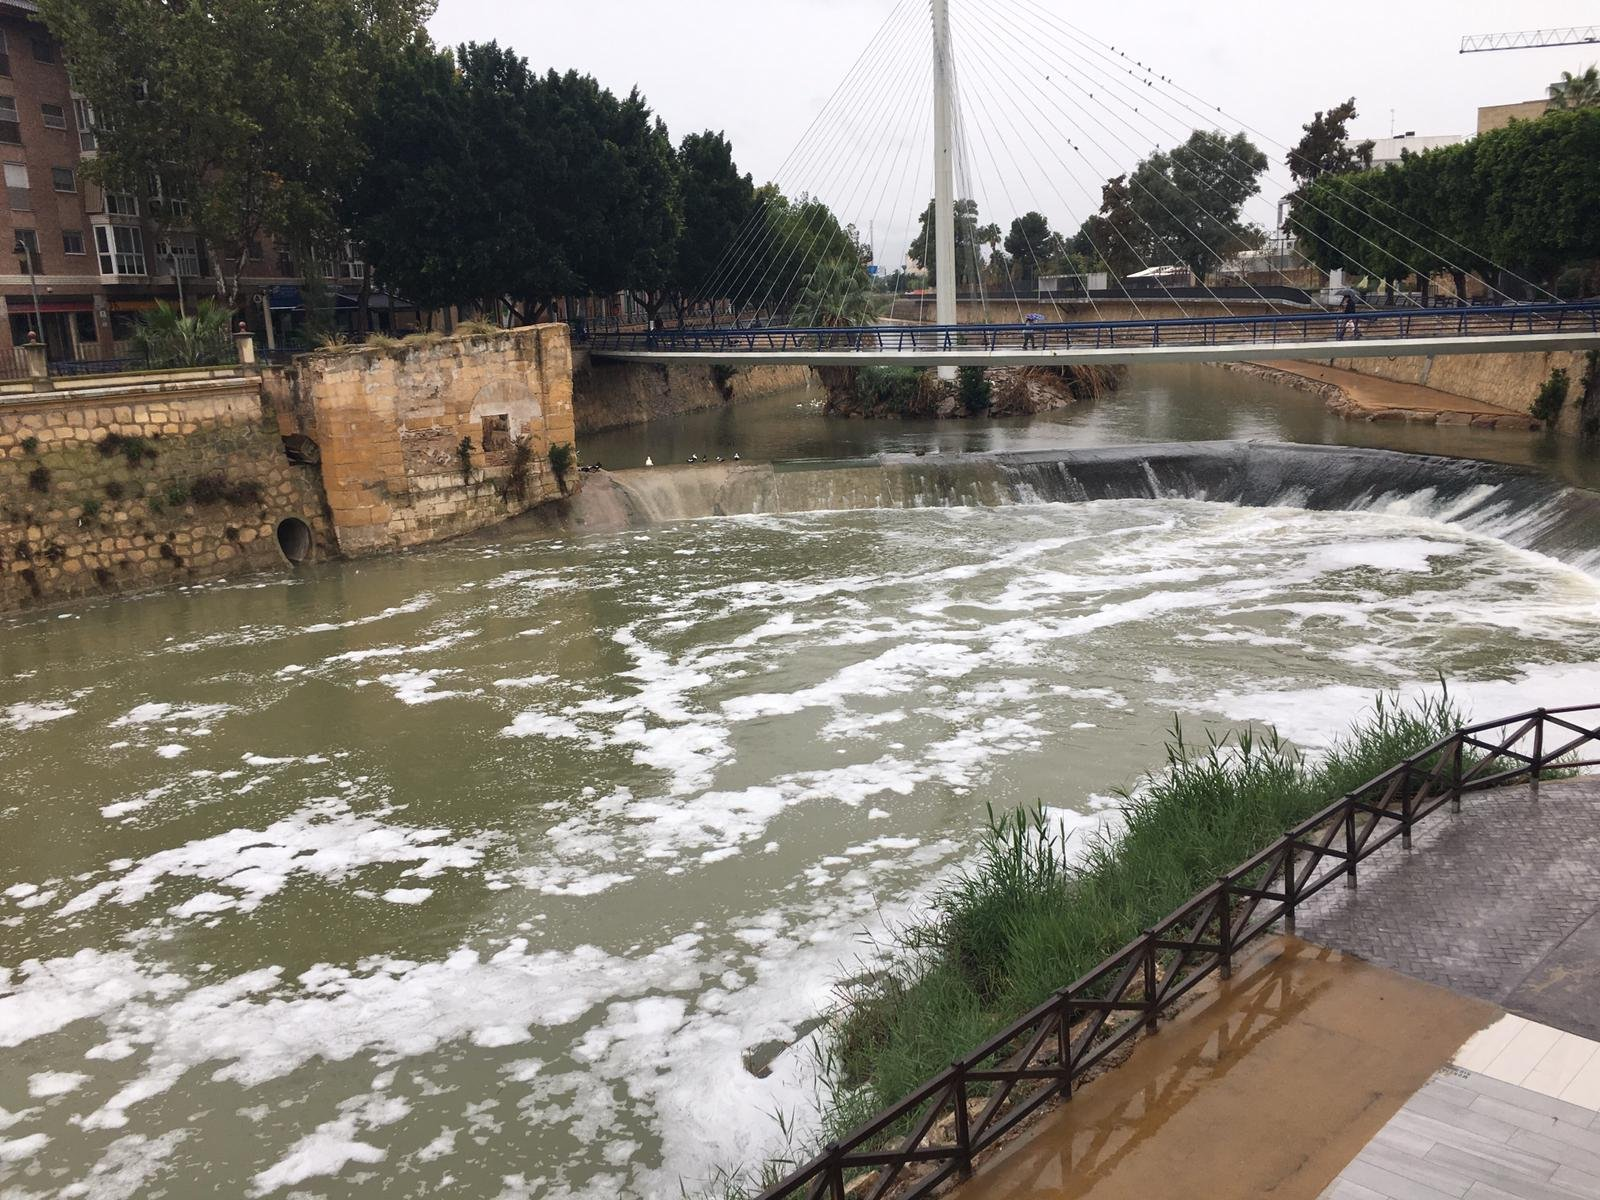 Espumas blancas en las aguas del río Segura, ayer, en la capital murciana . Imagen: Huermur